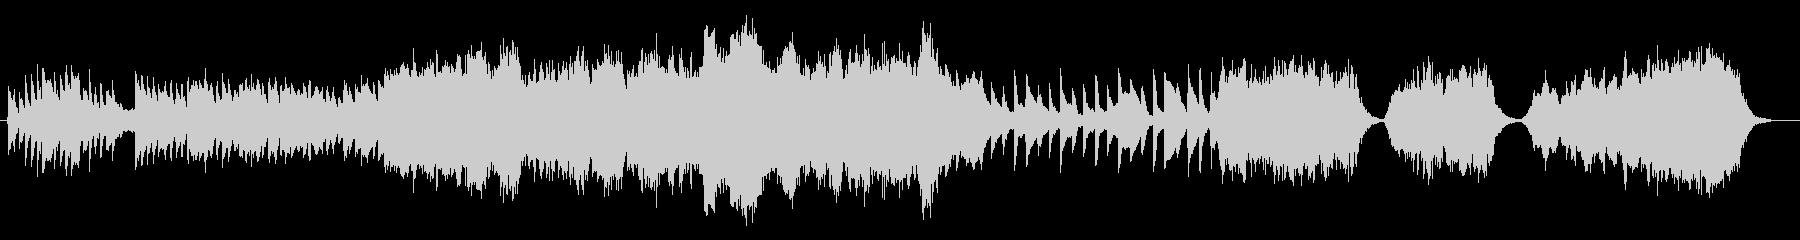 クラシック交響曲 劇的な 神経質 ...の未再生の波形